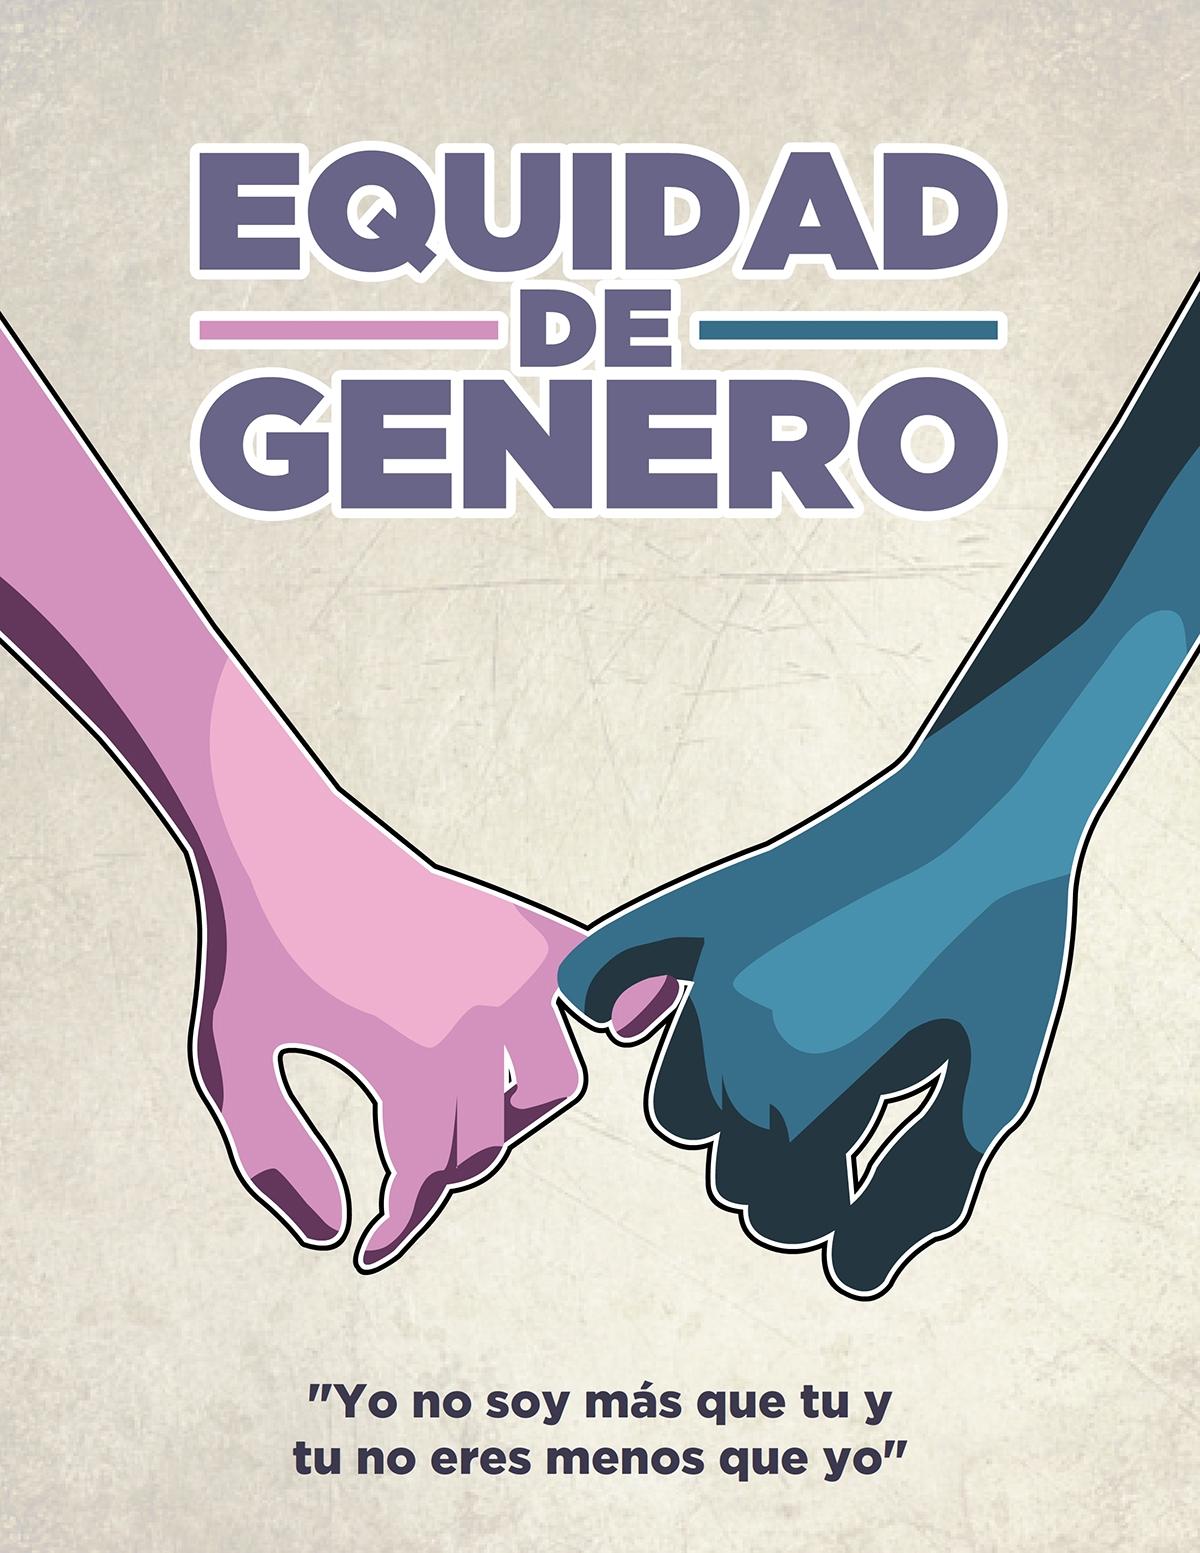 Resultado de imagen para equidad de genero carteles